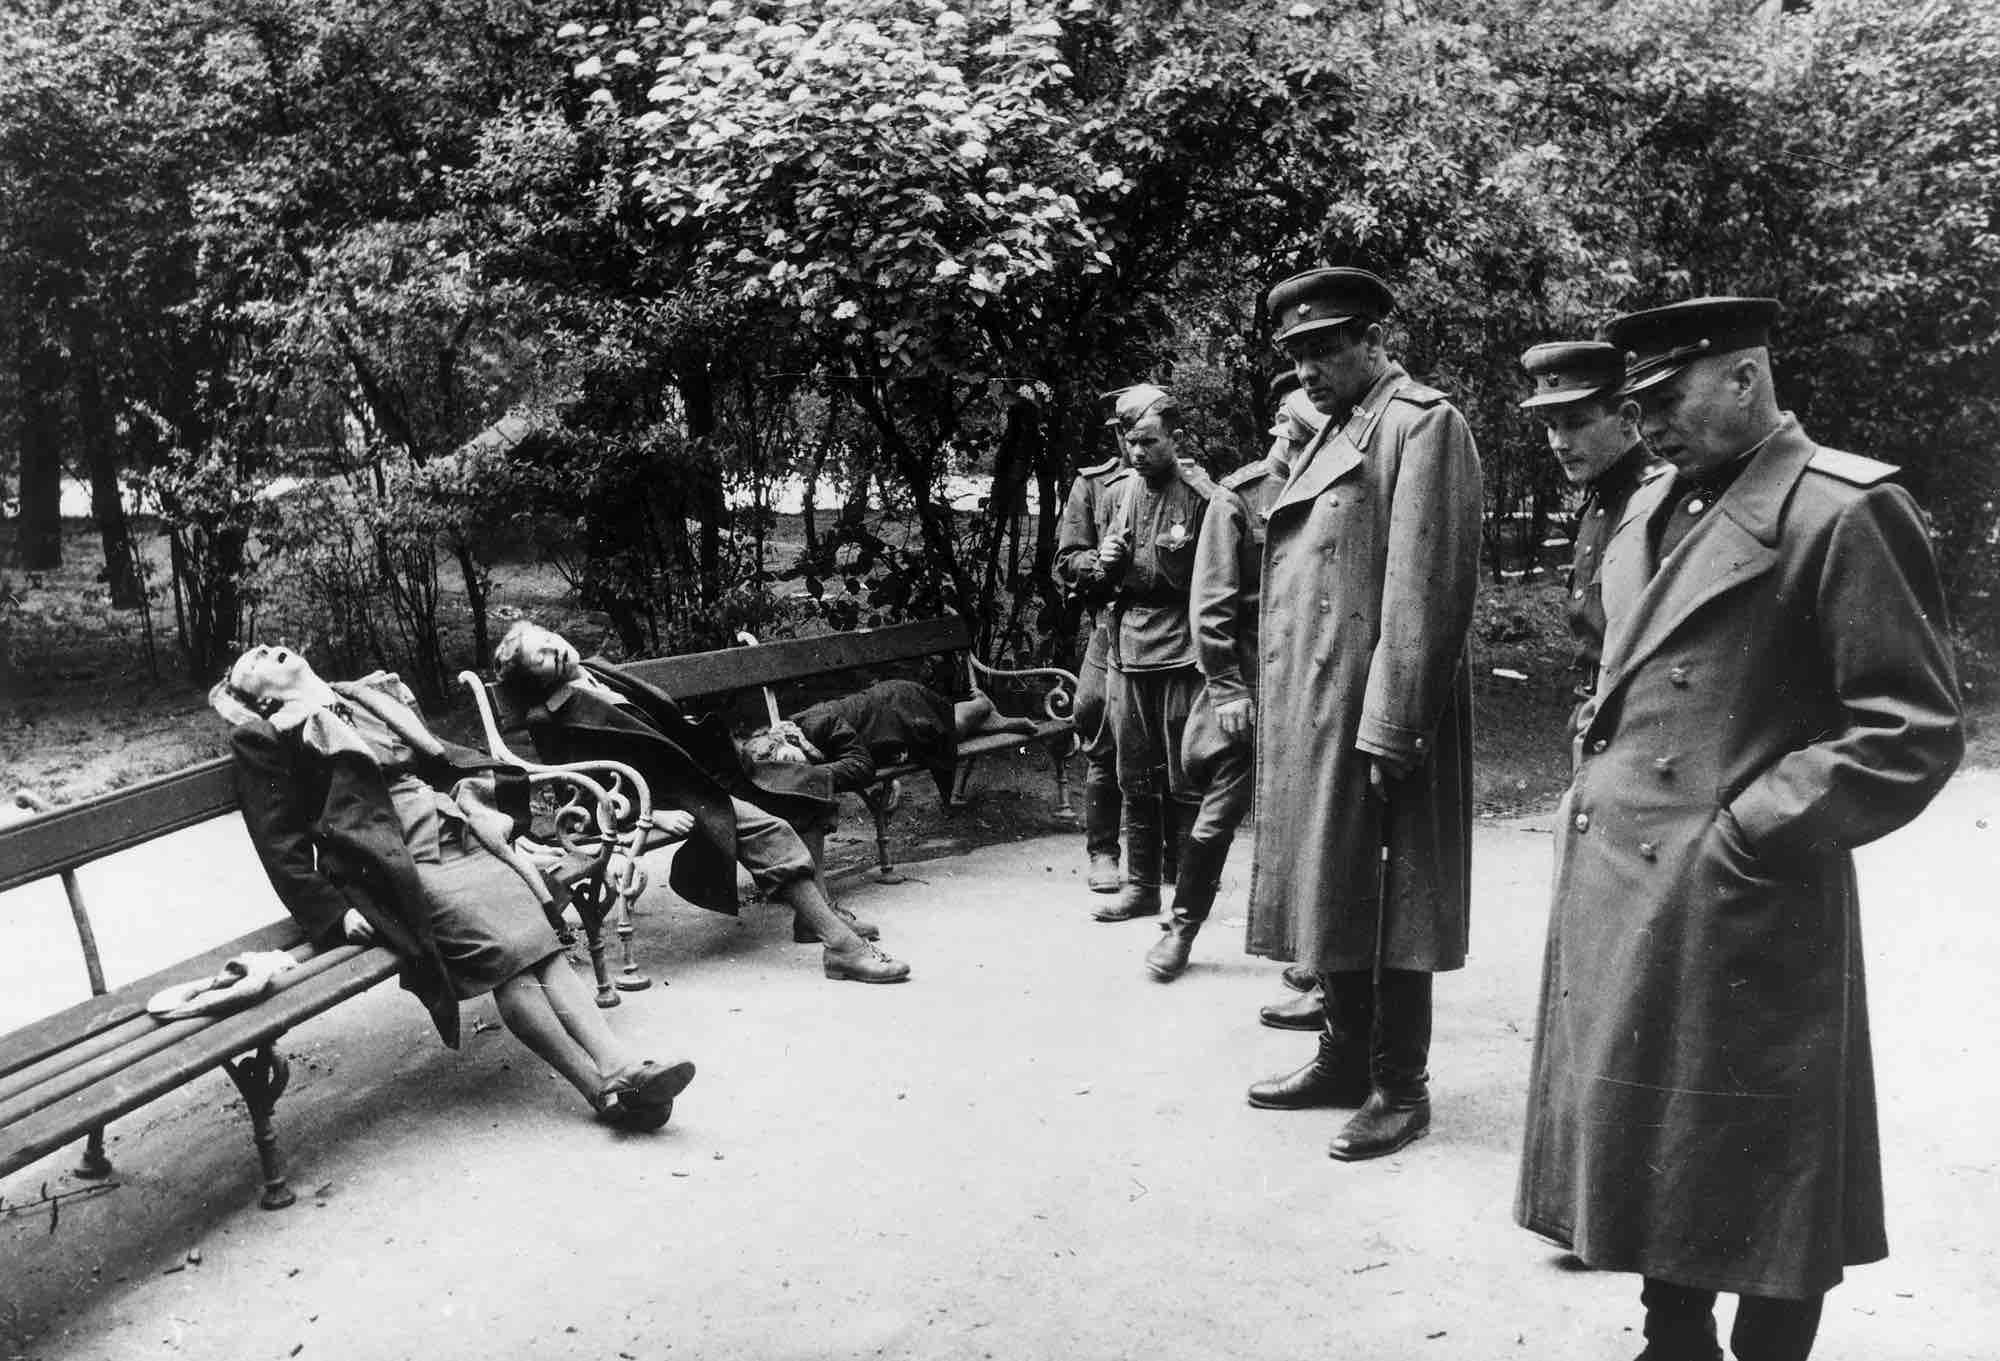 Khủng khiếp vụ 1.000 người tự sát trong 72 giờ tại Đức - 1